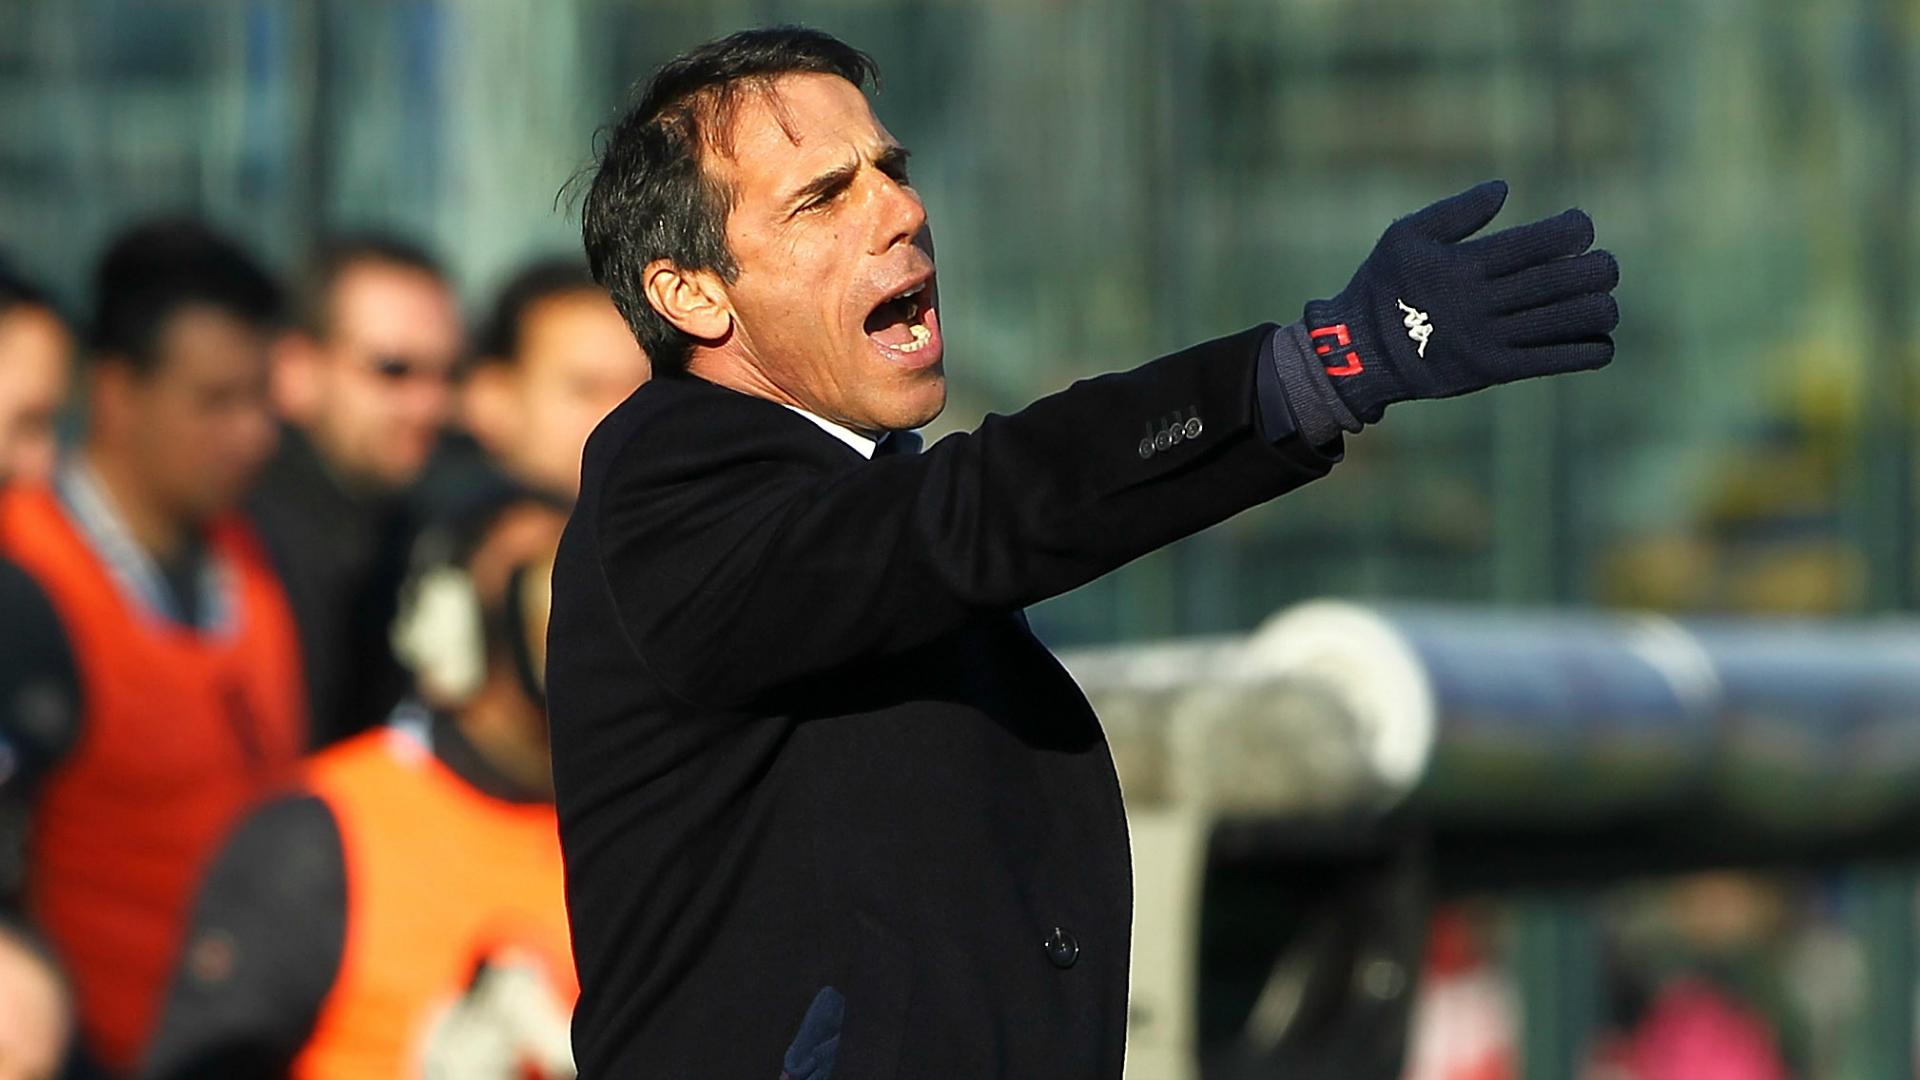 Zola viene bloccato dallo steward, interviene Rio Ferdinand: